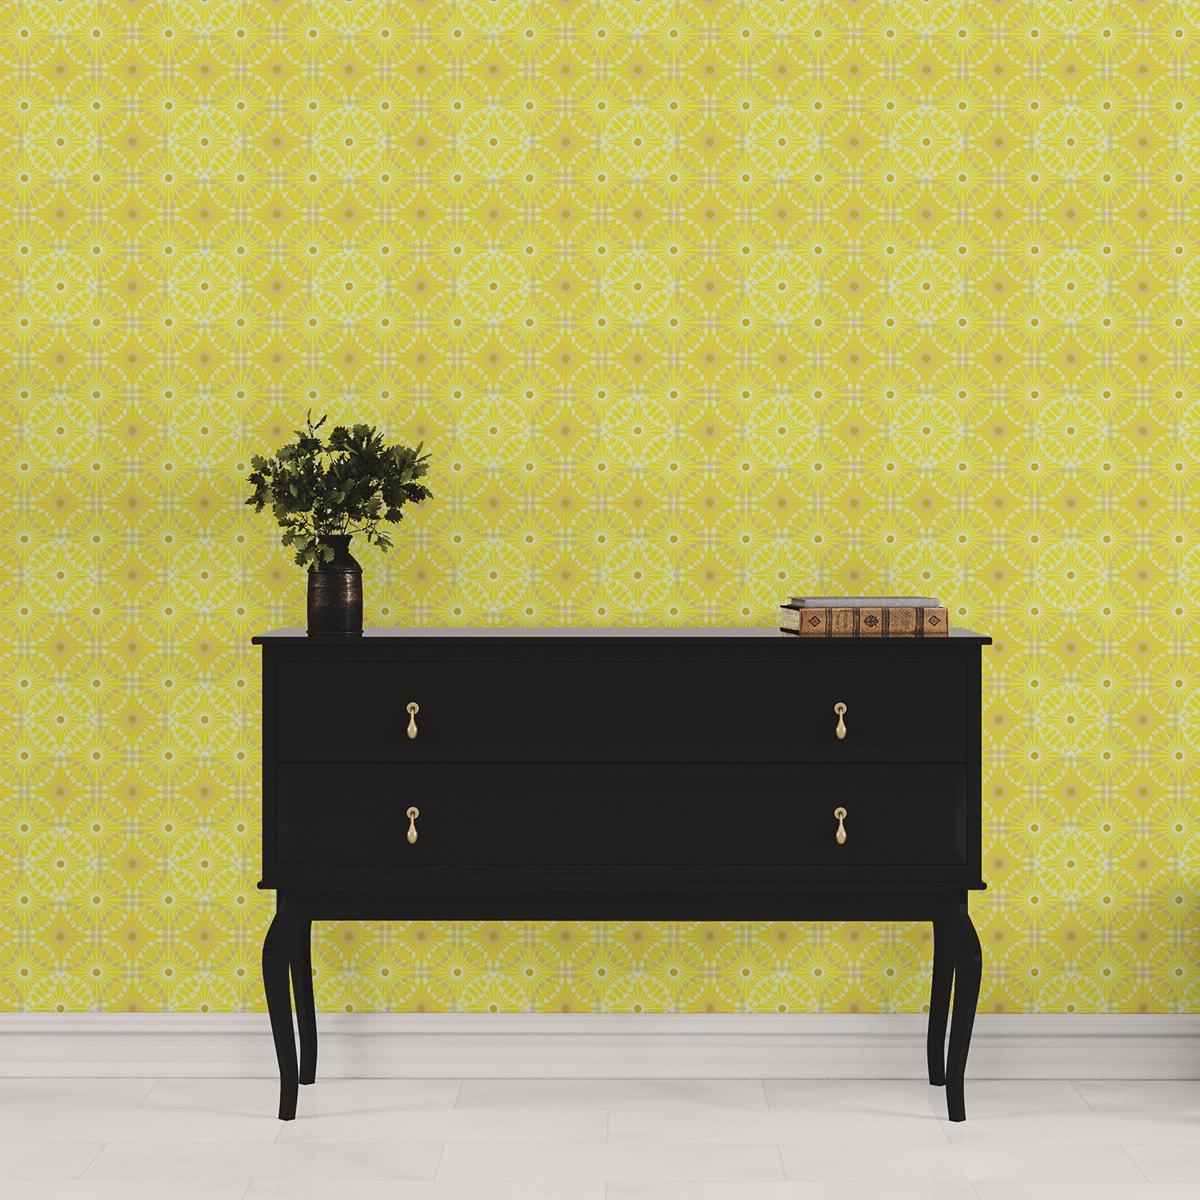 Schlafzimmer tapezieren in gelb: Sonnige Tapete